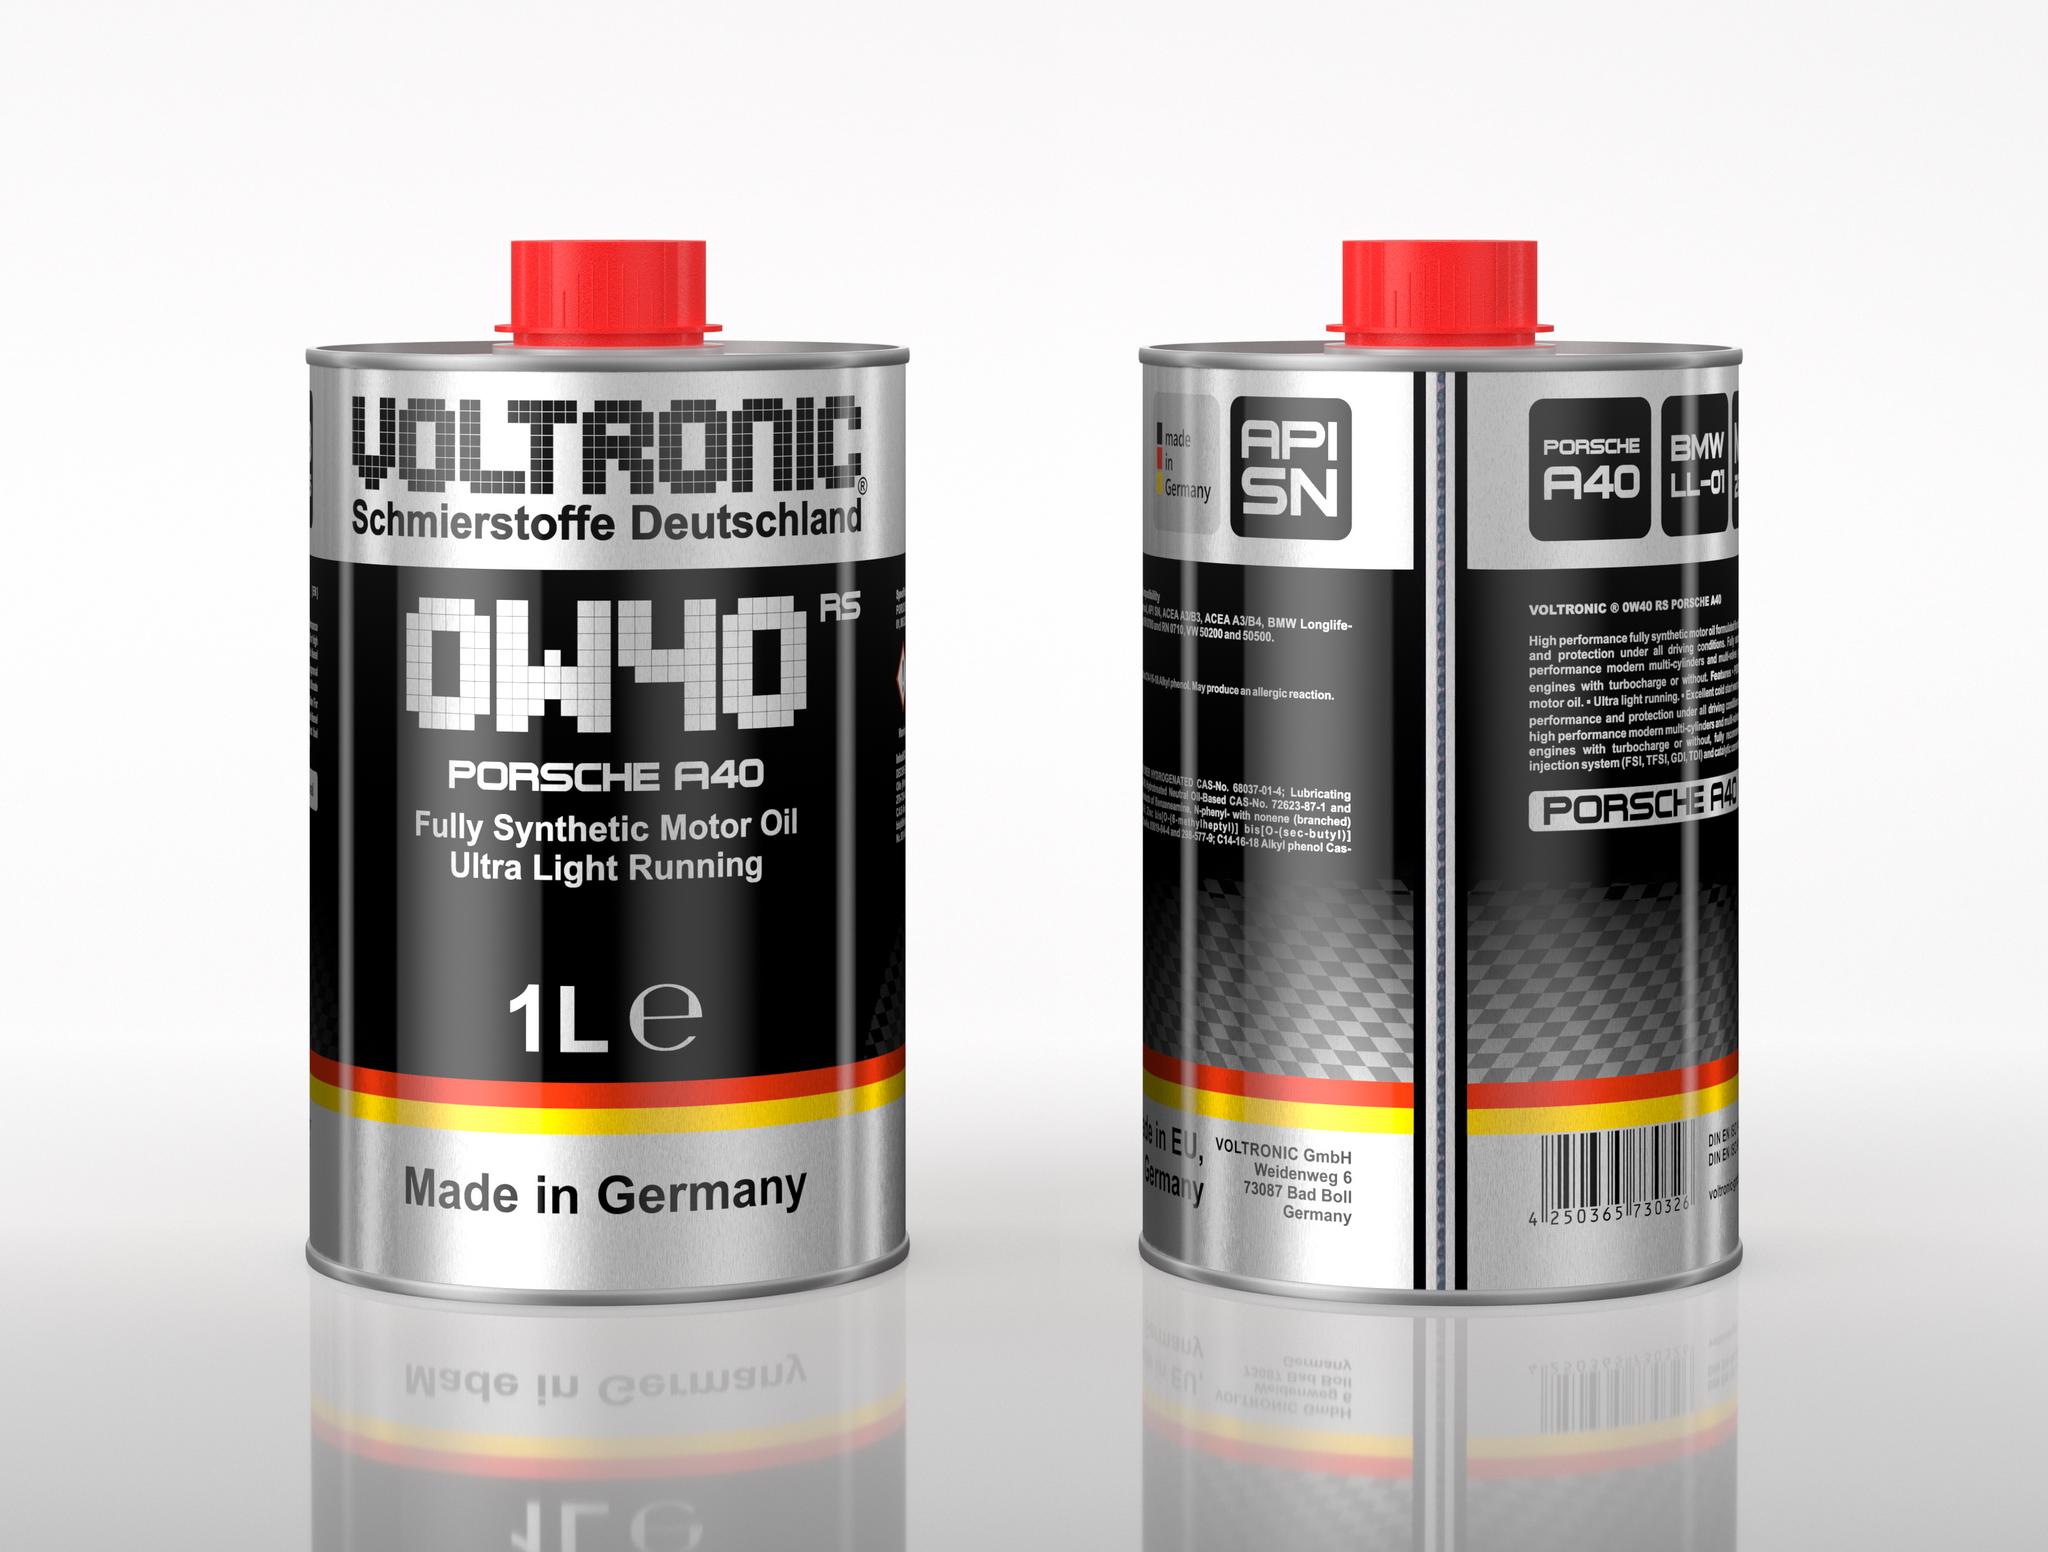 voltronic-0w40-rs-porsche-a40.jpg